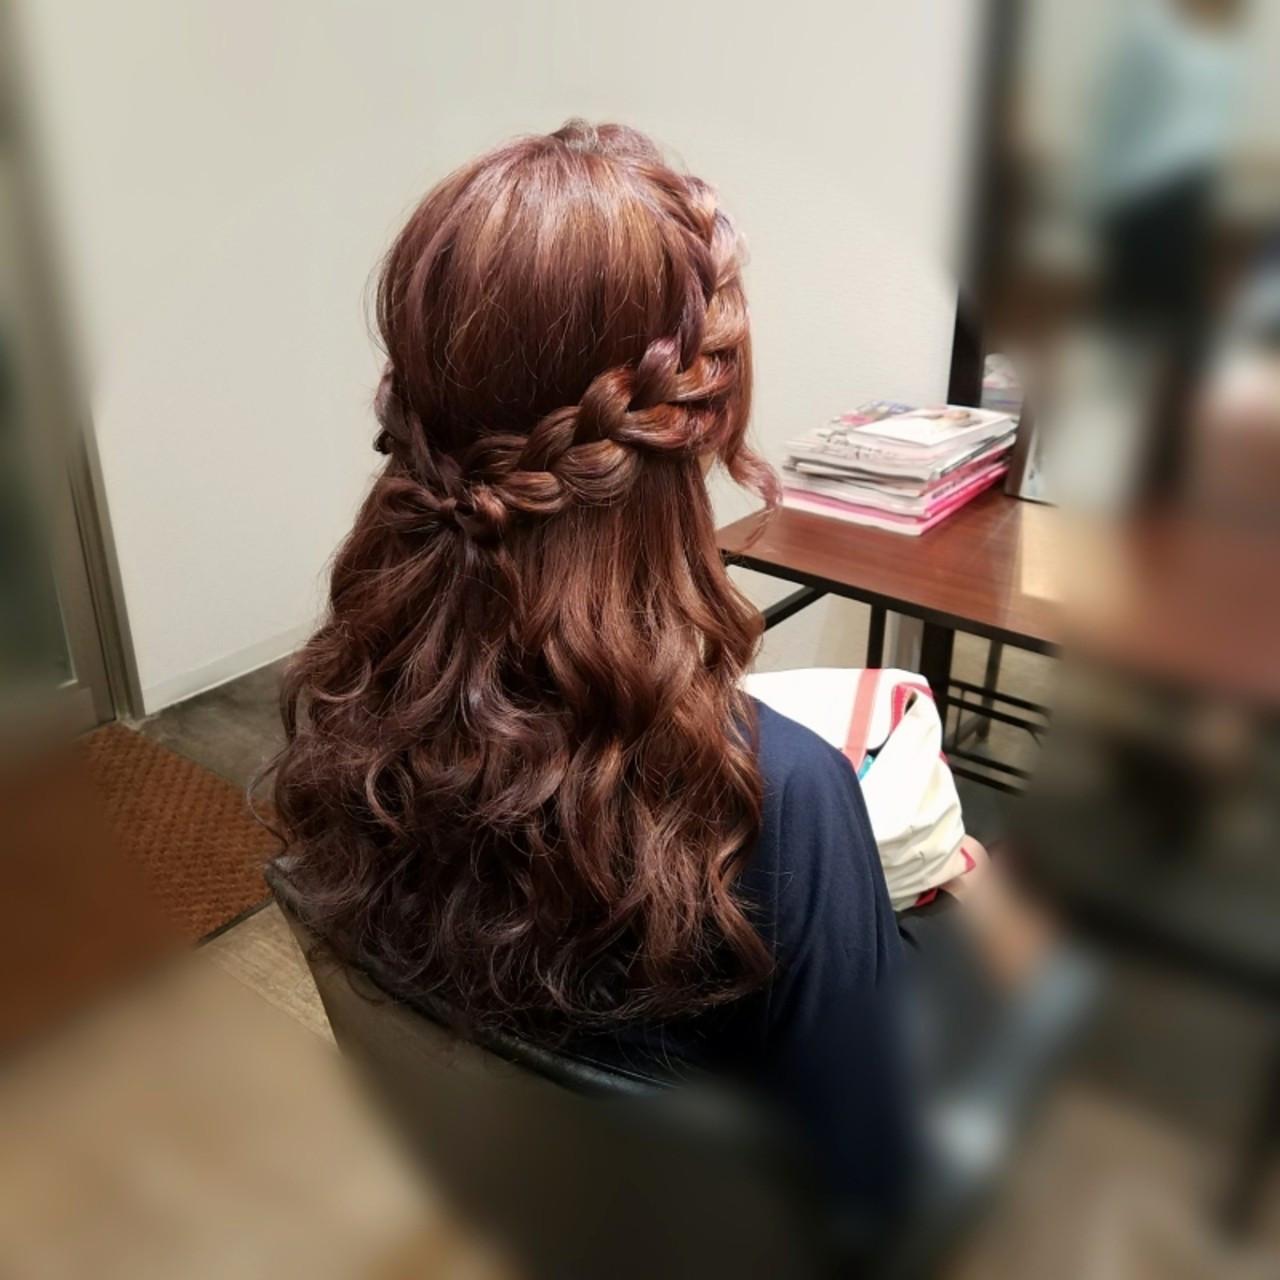 フェミニン ヘアアレンジ 編み込み ハーフアップ ヘアスタイルや髪型の写真・画像